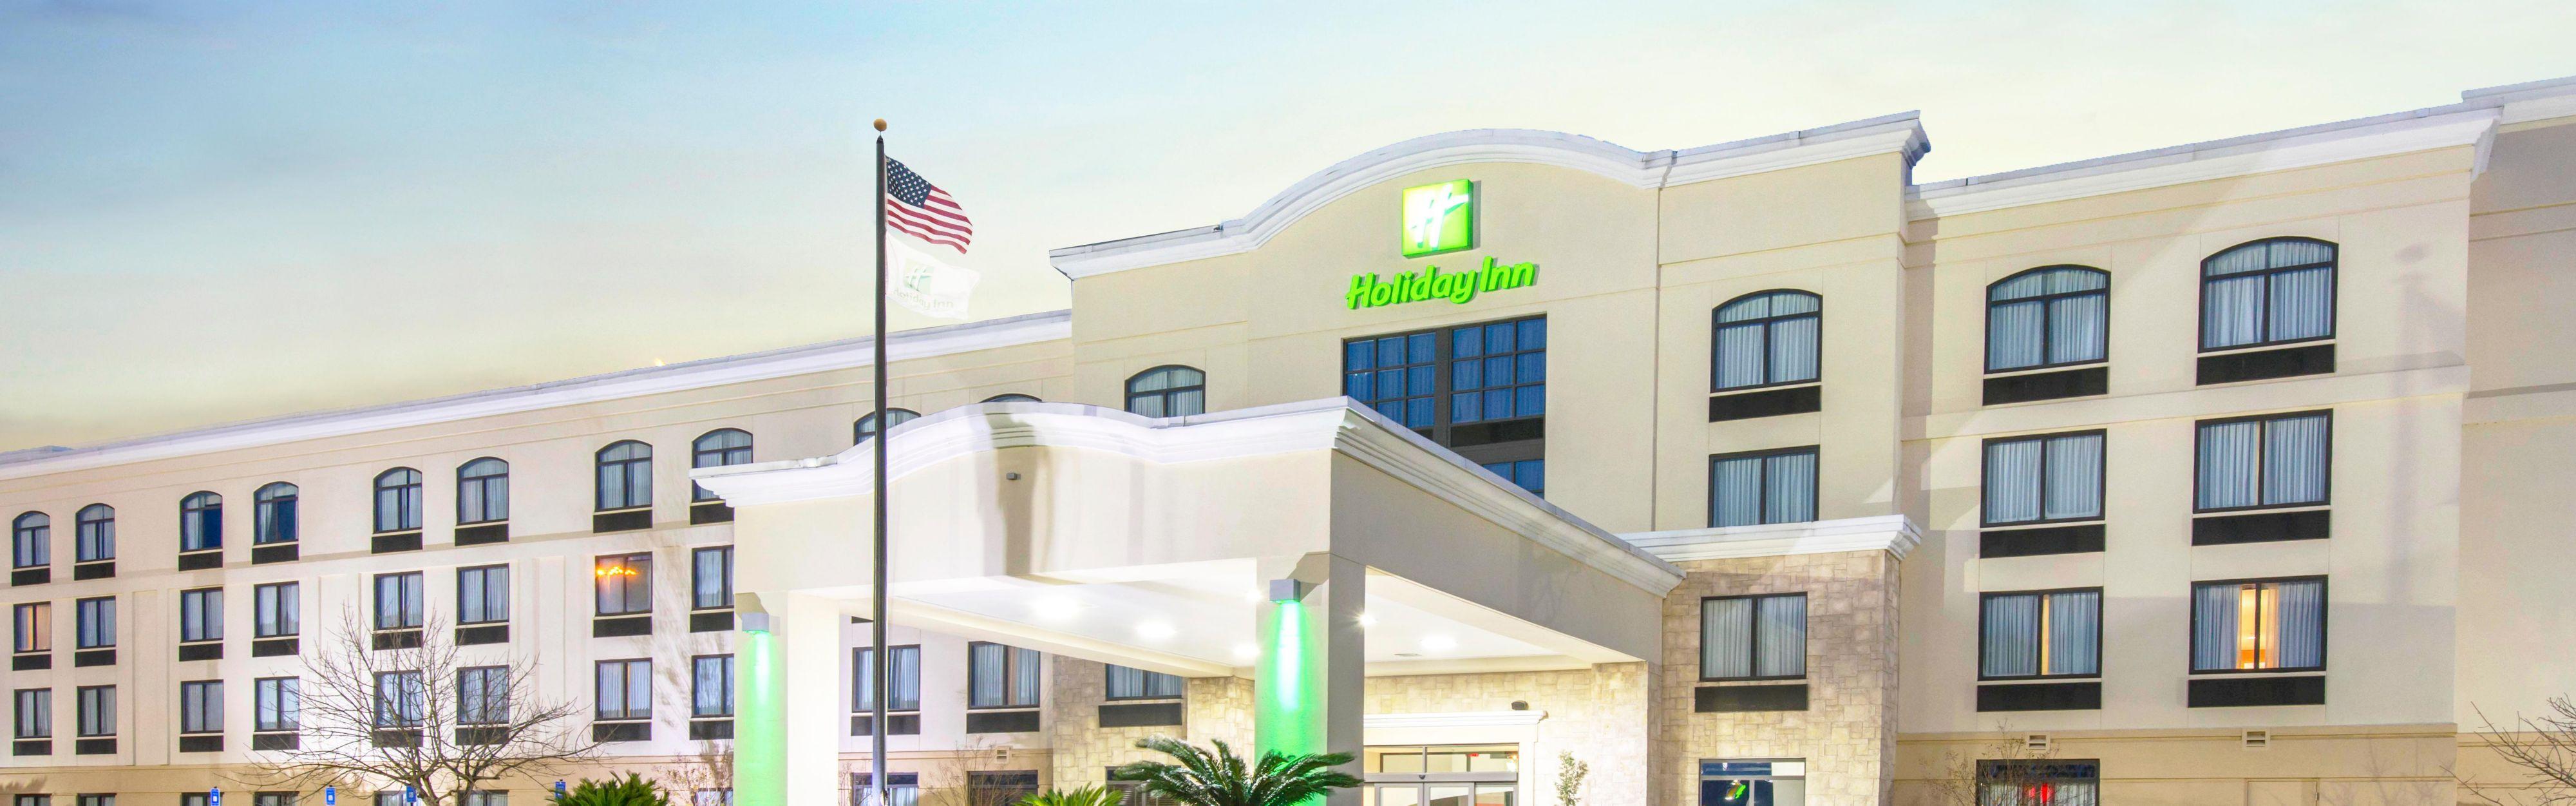 Holiday Inn Savannah S - I-95 Gateway image 0